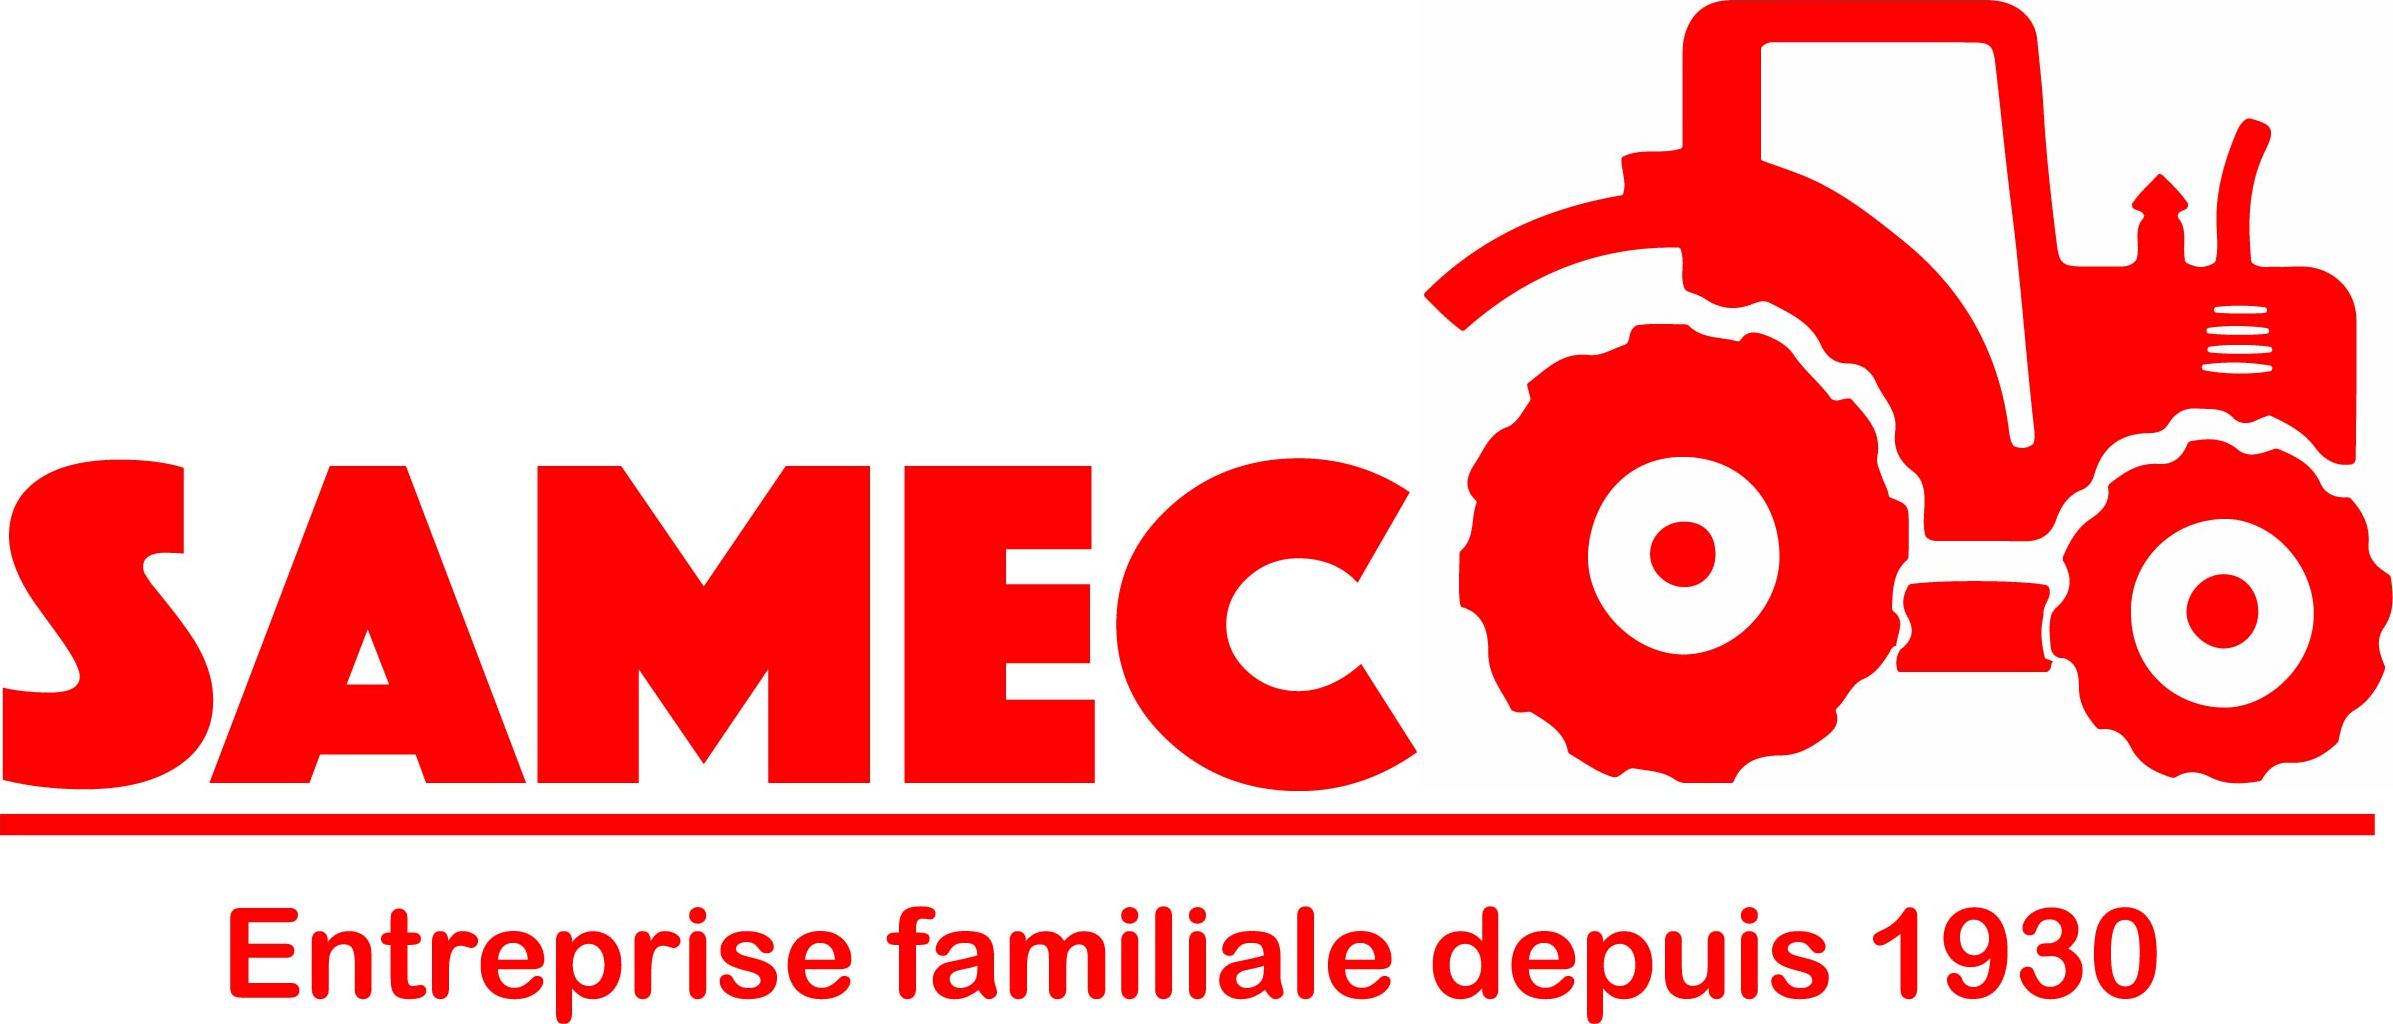 Logo Sameco